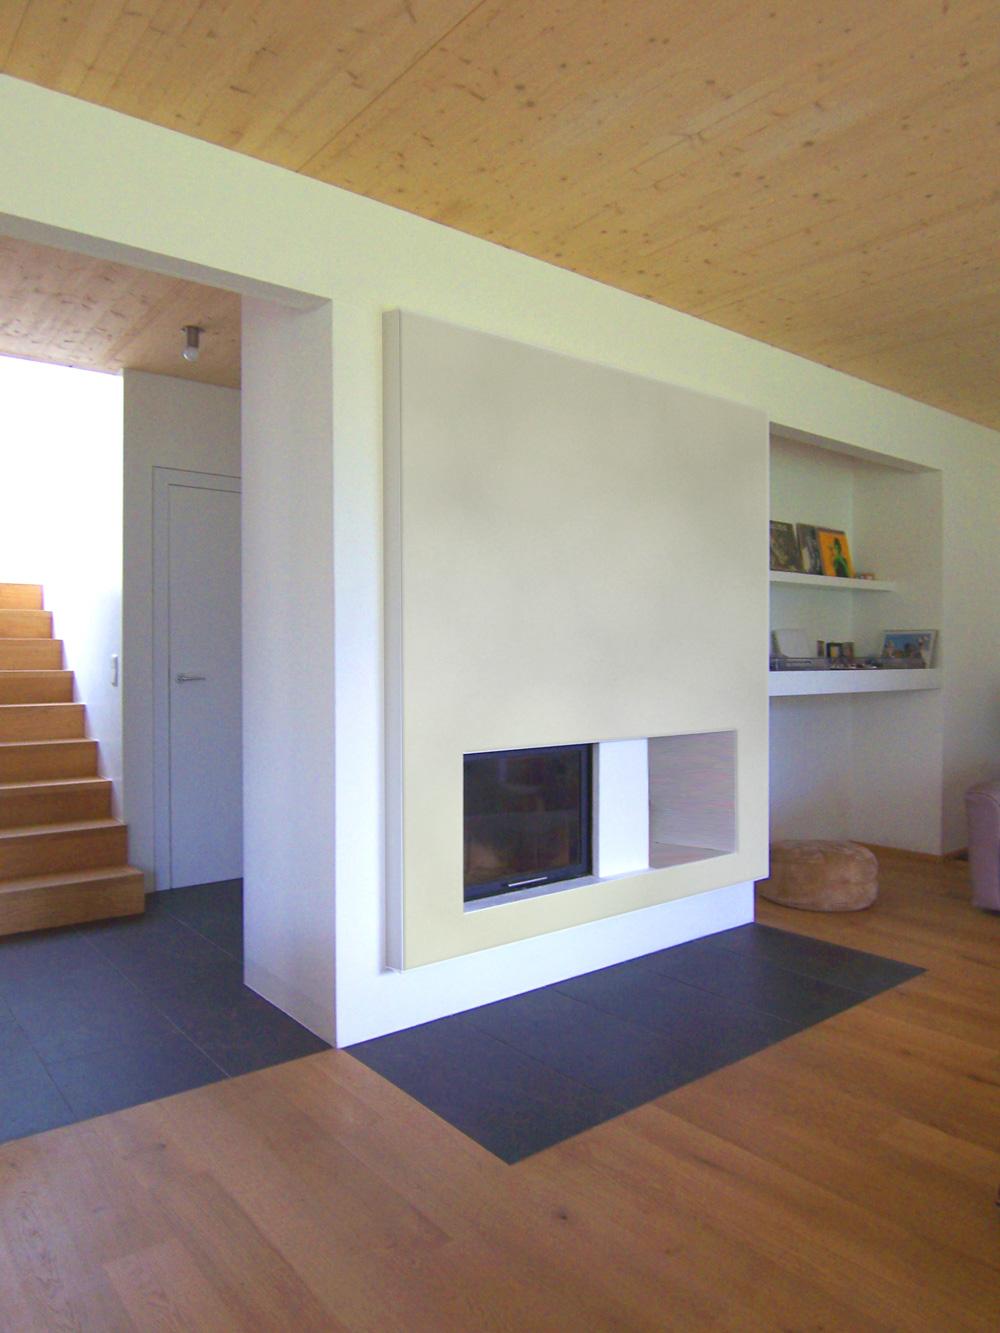 Integrierter Kamin in den Wohnraum eines Doppelhauses an der alten Donau, das von den Paschinger Architekten geplant wurde